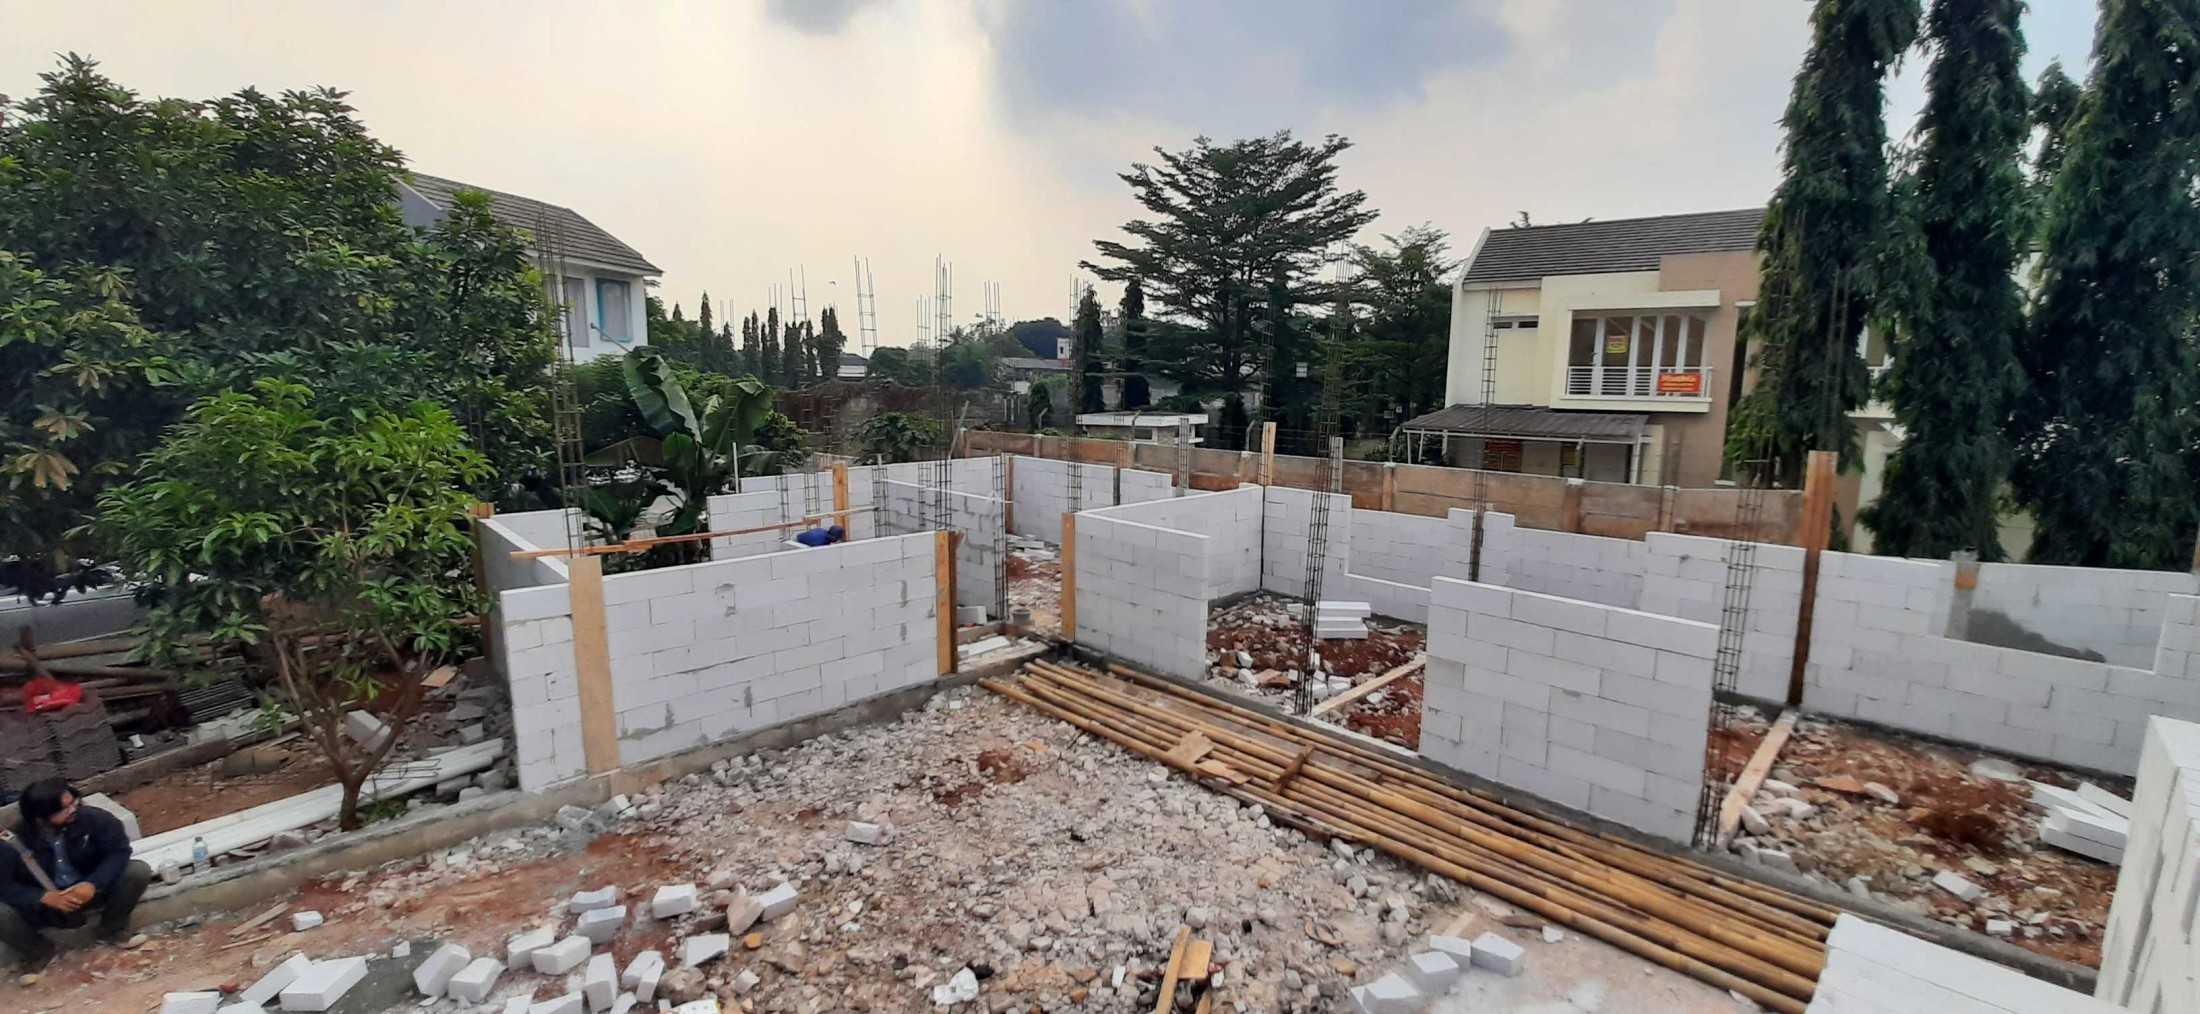 Dwi Dwara Citra Puri Bintaro Residence 2 Jalan Puri Bintaro Residence 2,, Serua Indah, Kec. Ciputat, Kota Tangerang Selatan, Banten 15414, Indonesia Jalan Puri Bintaro Residence 2,, Serua Indah, Kec. Ciputat, Kota Tangerang Selatan, Banten 15414, Indonesia Dwi-Dwara-Citra-Puri-Bintaro-Residence-2  131106